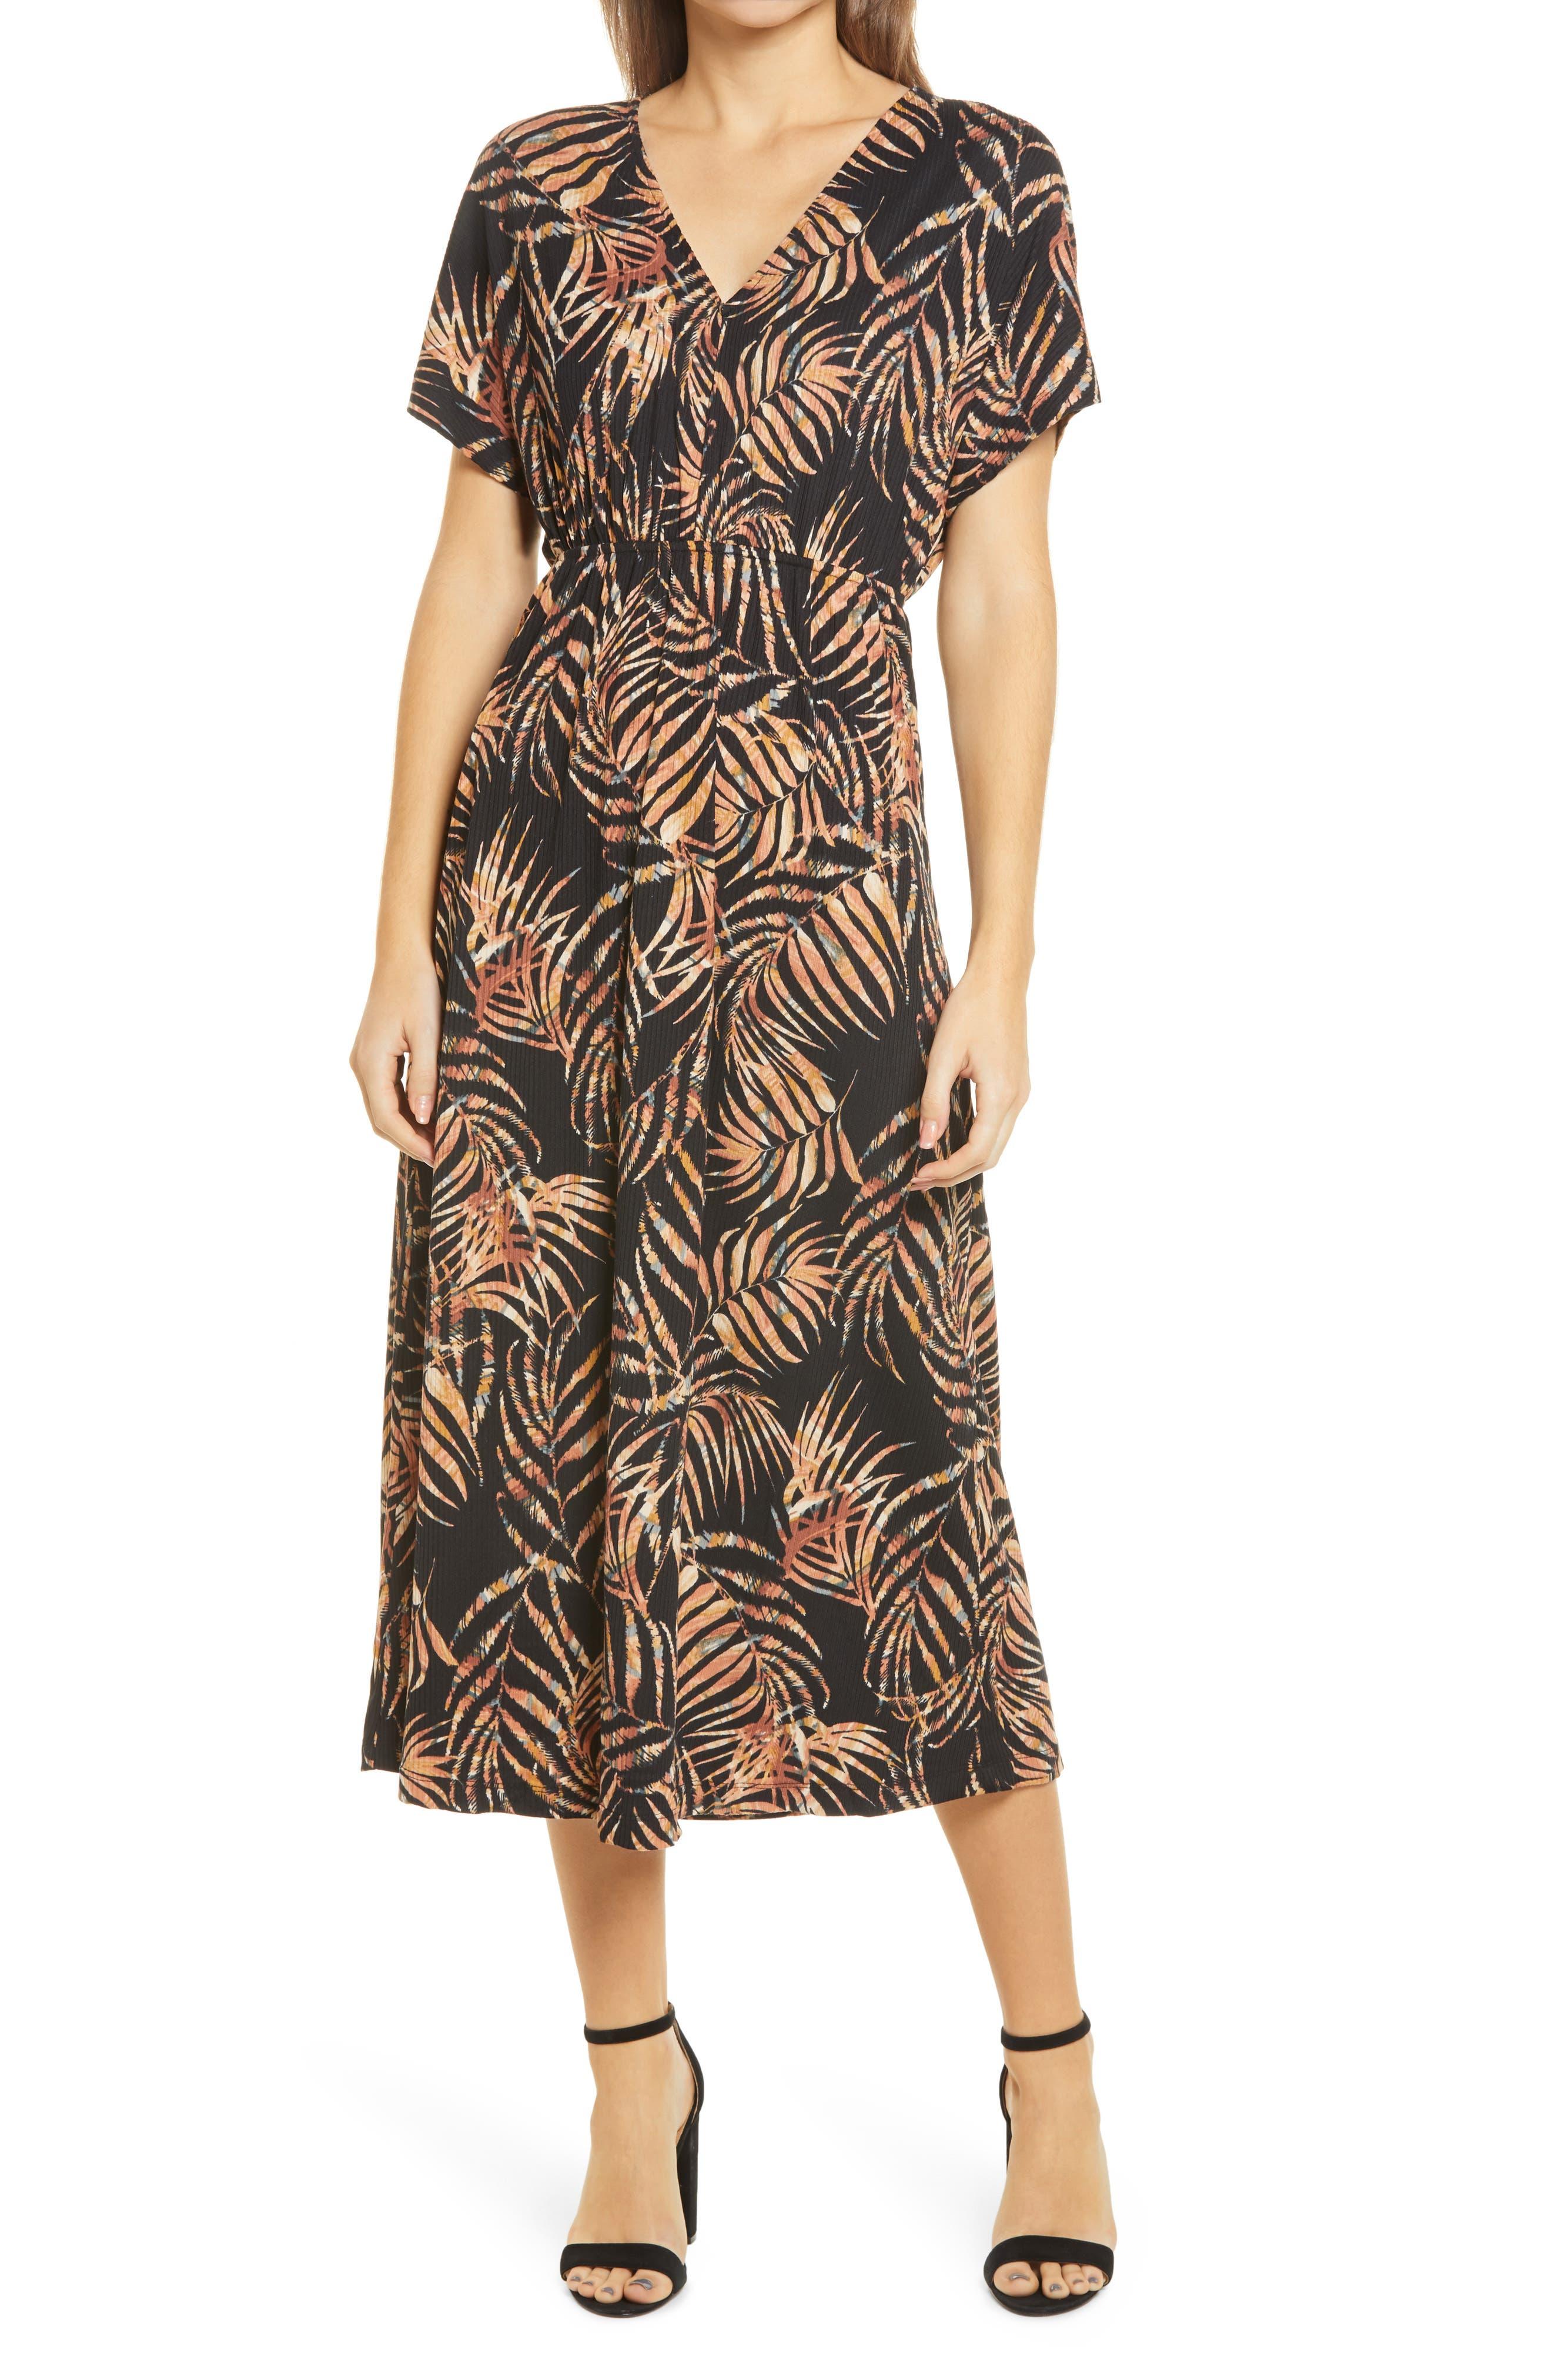 Tropical Stretch Knit Dress